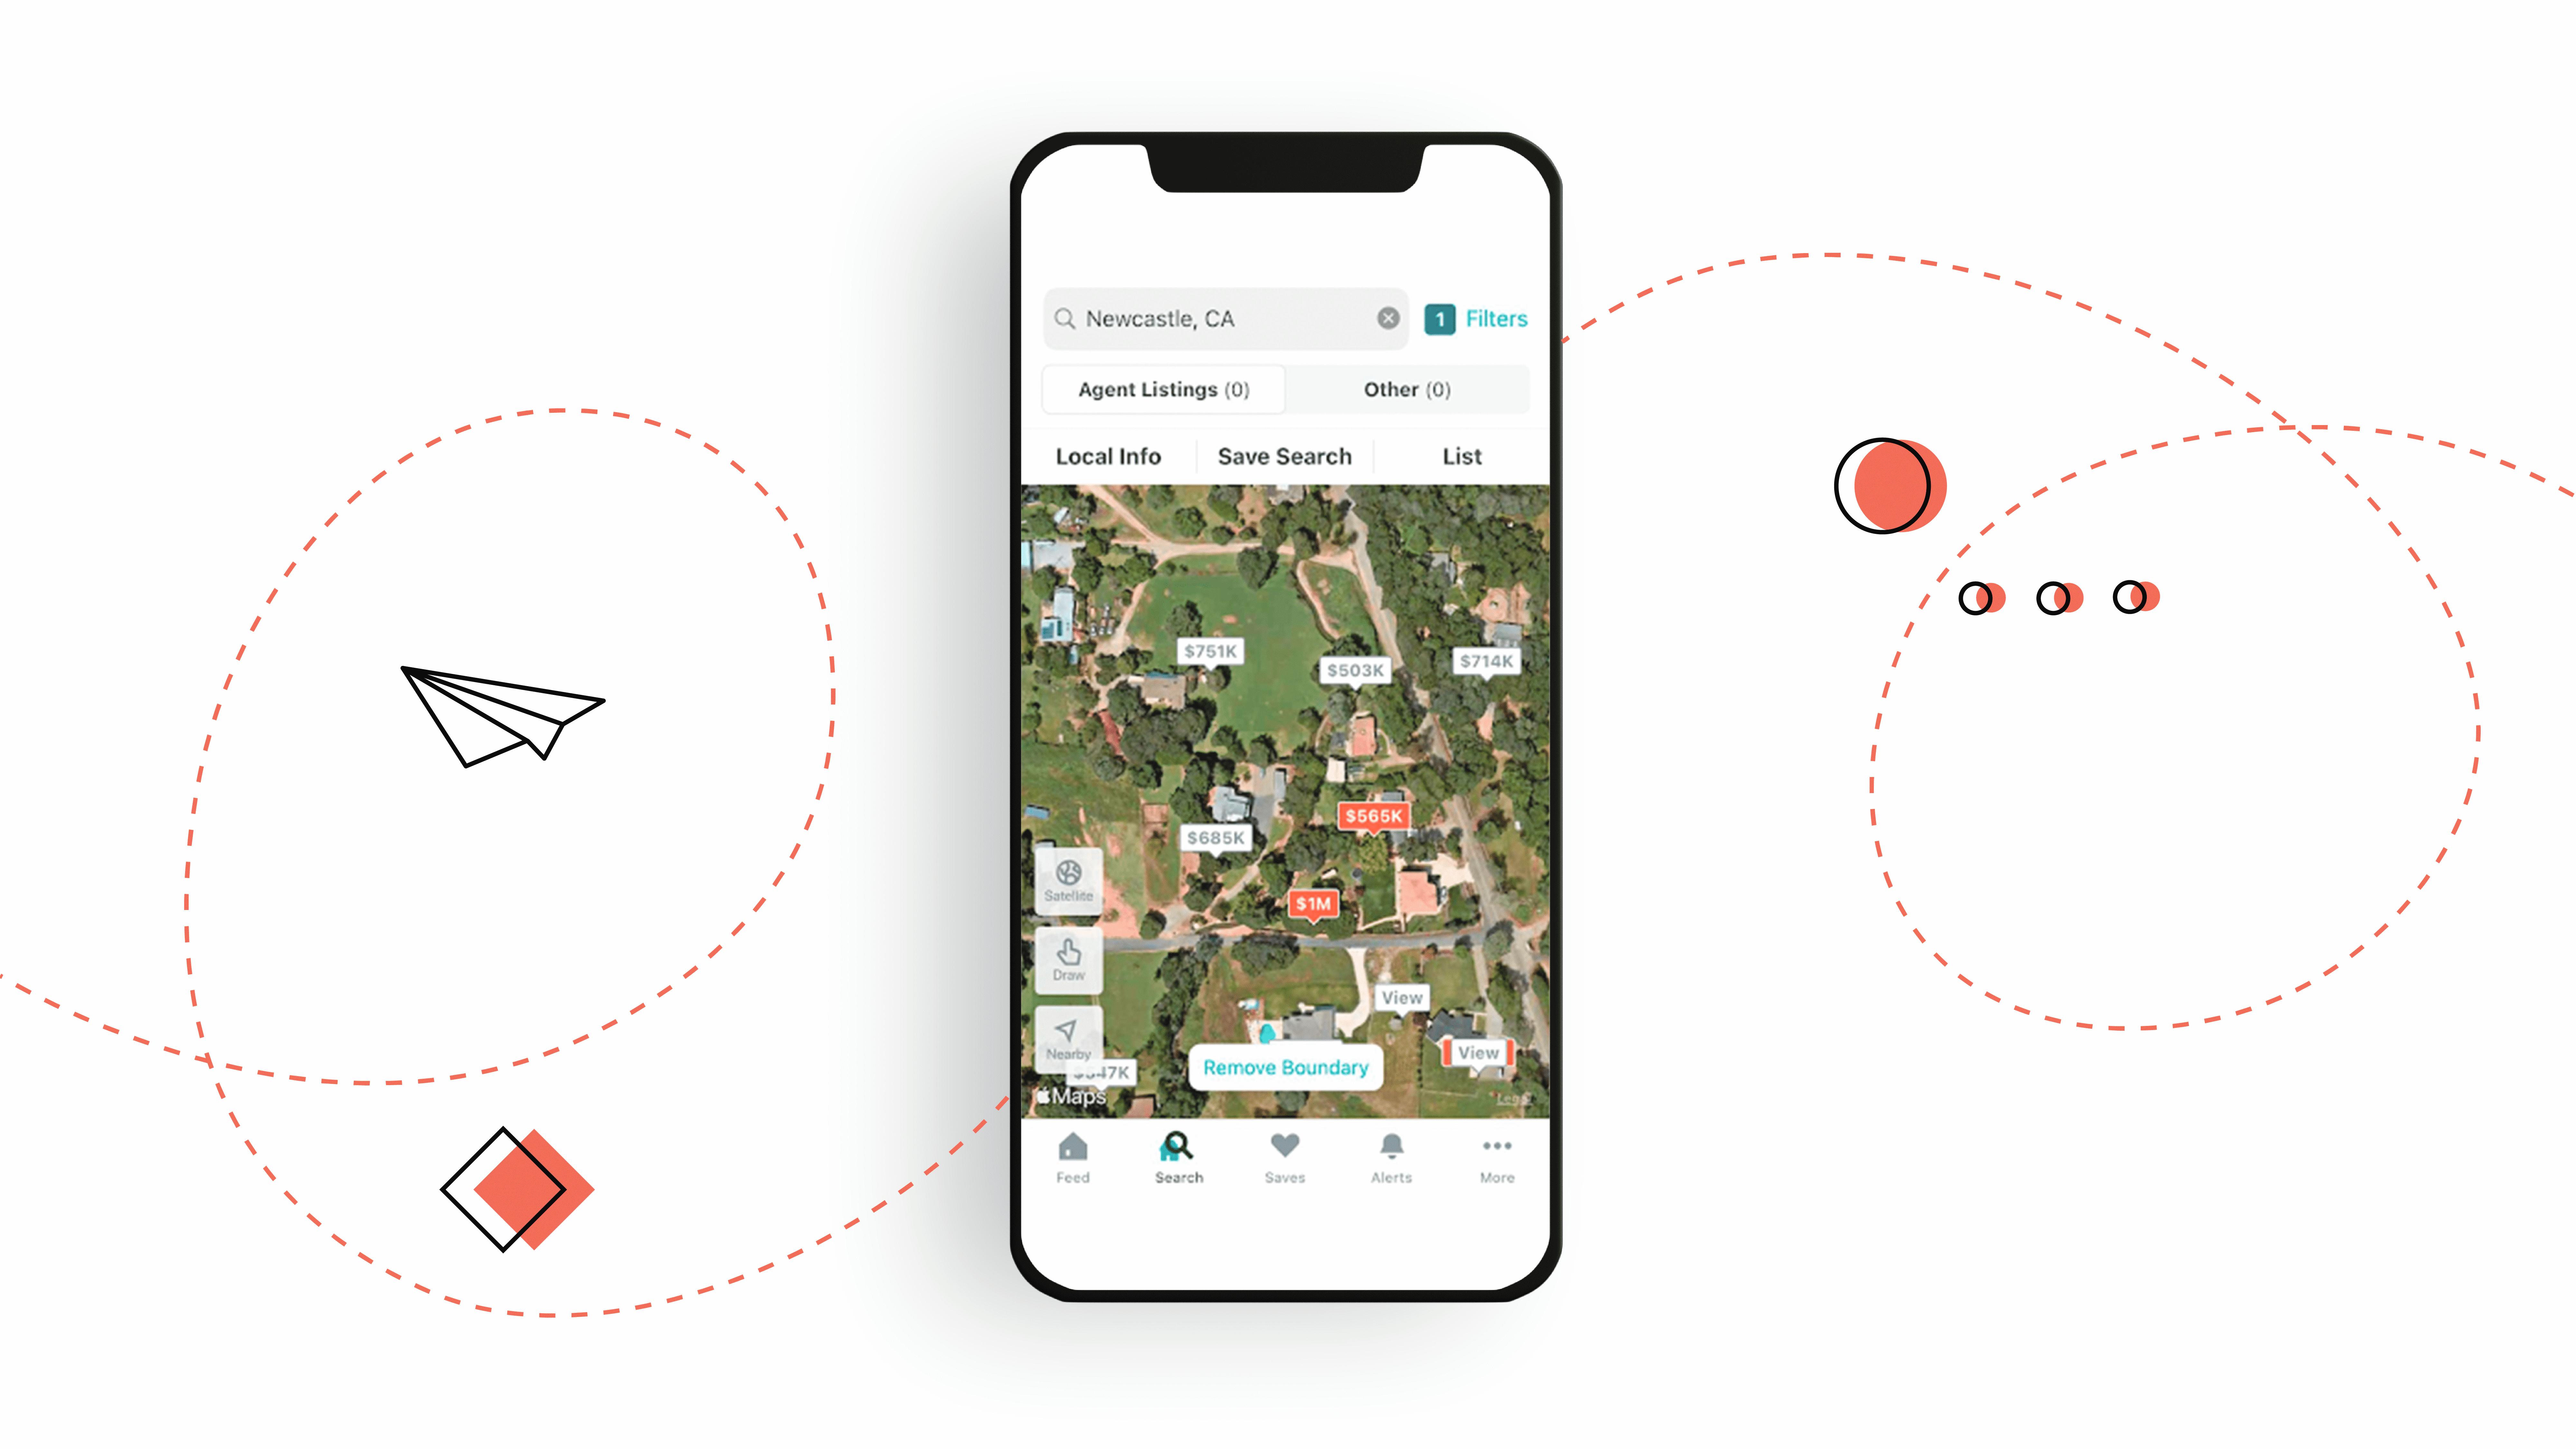 3D landscape model in real estate mobile app design